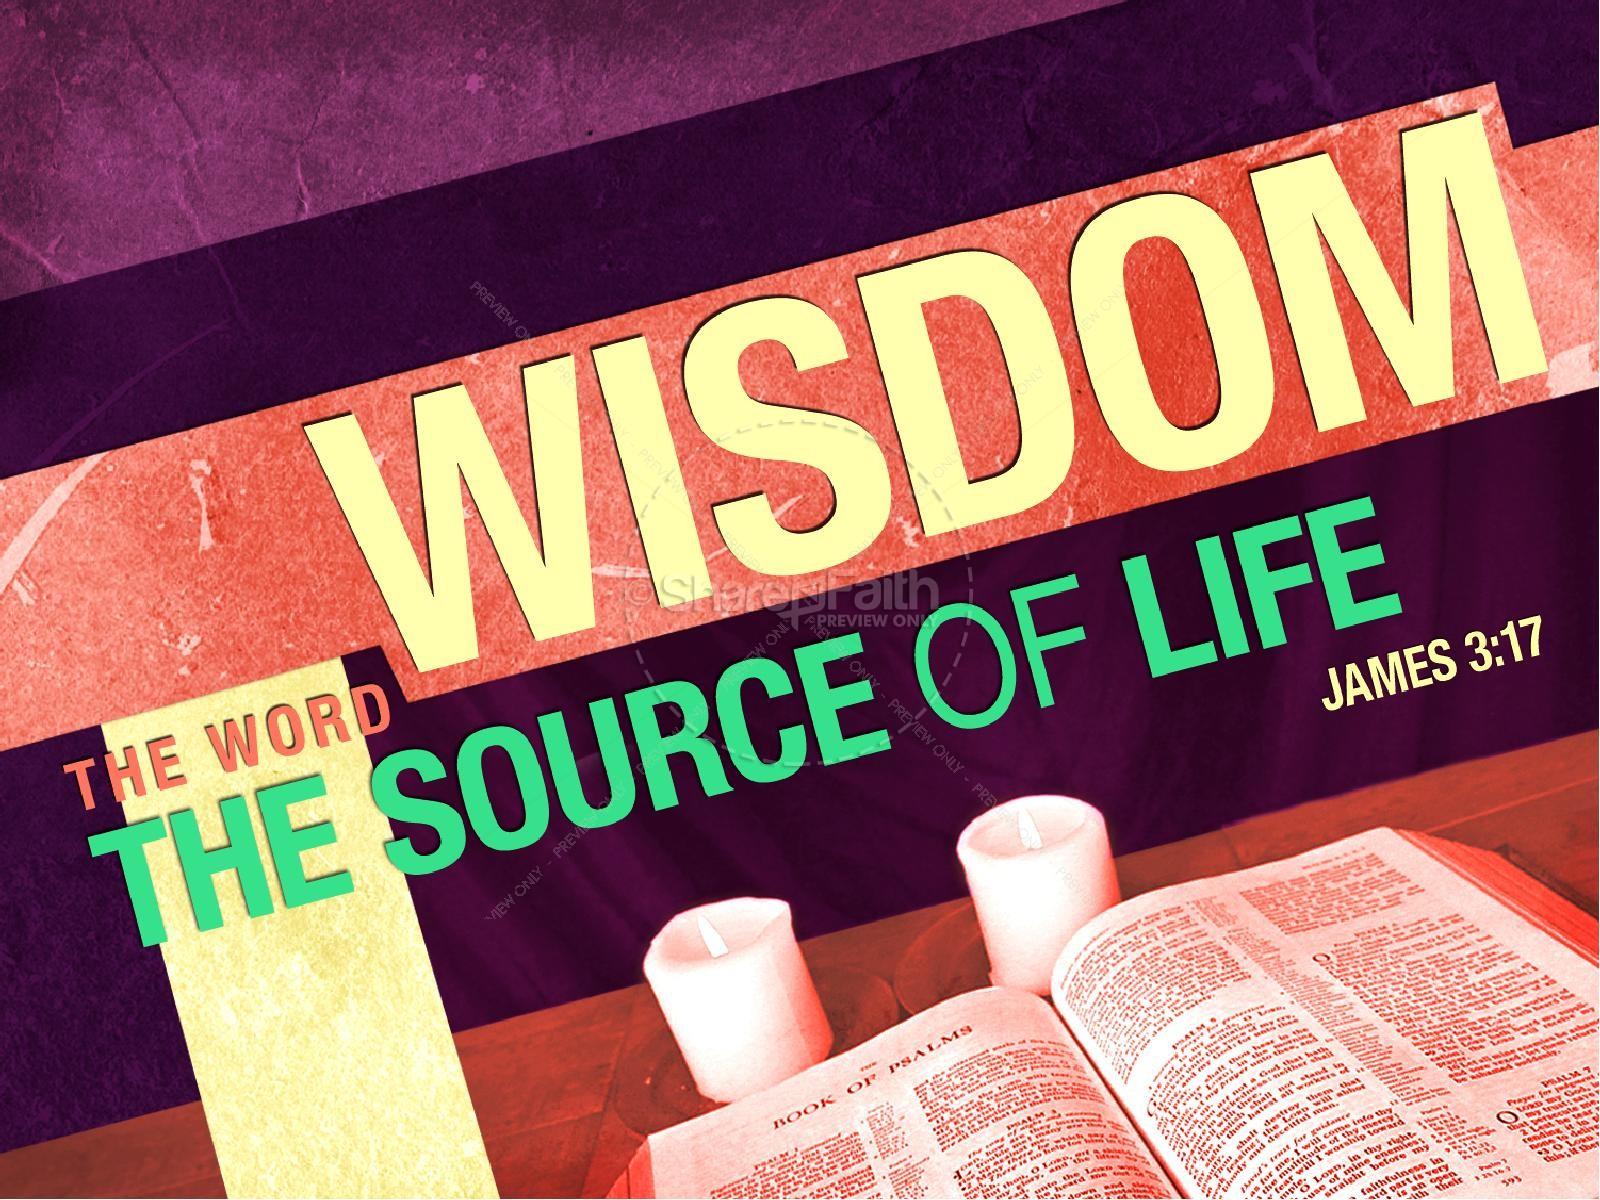 Wisdom PowerPoint Sermon | slide 1